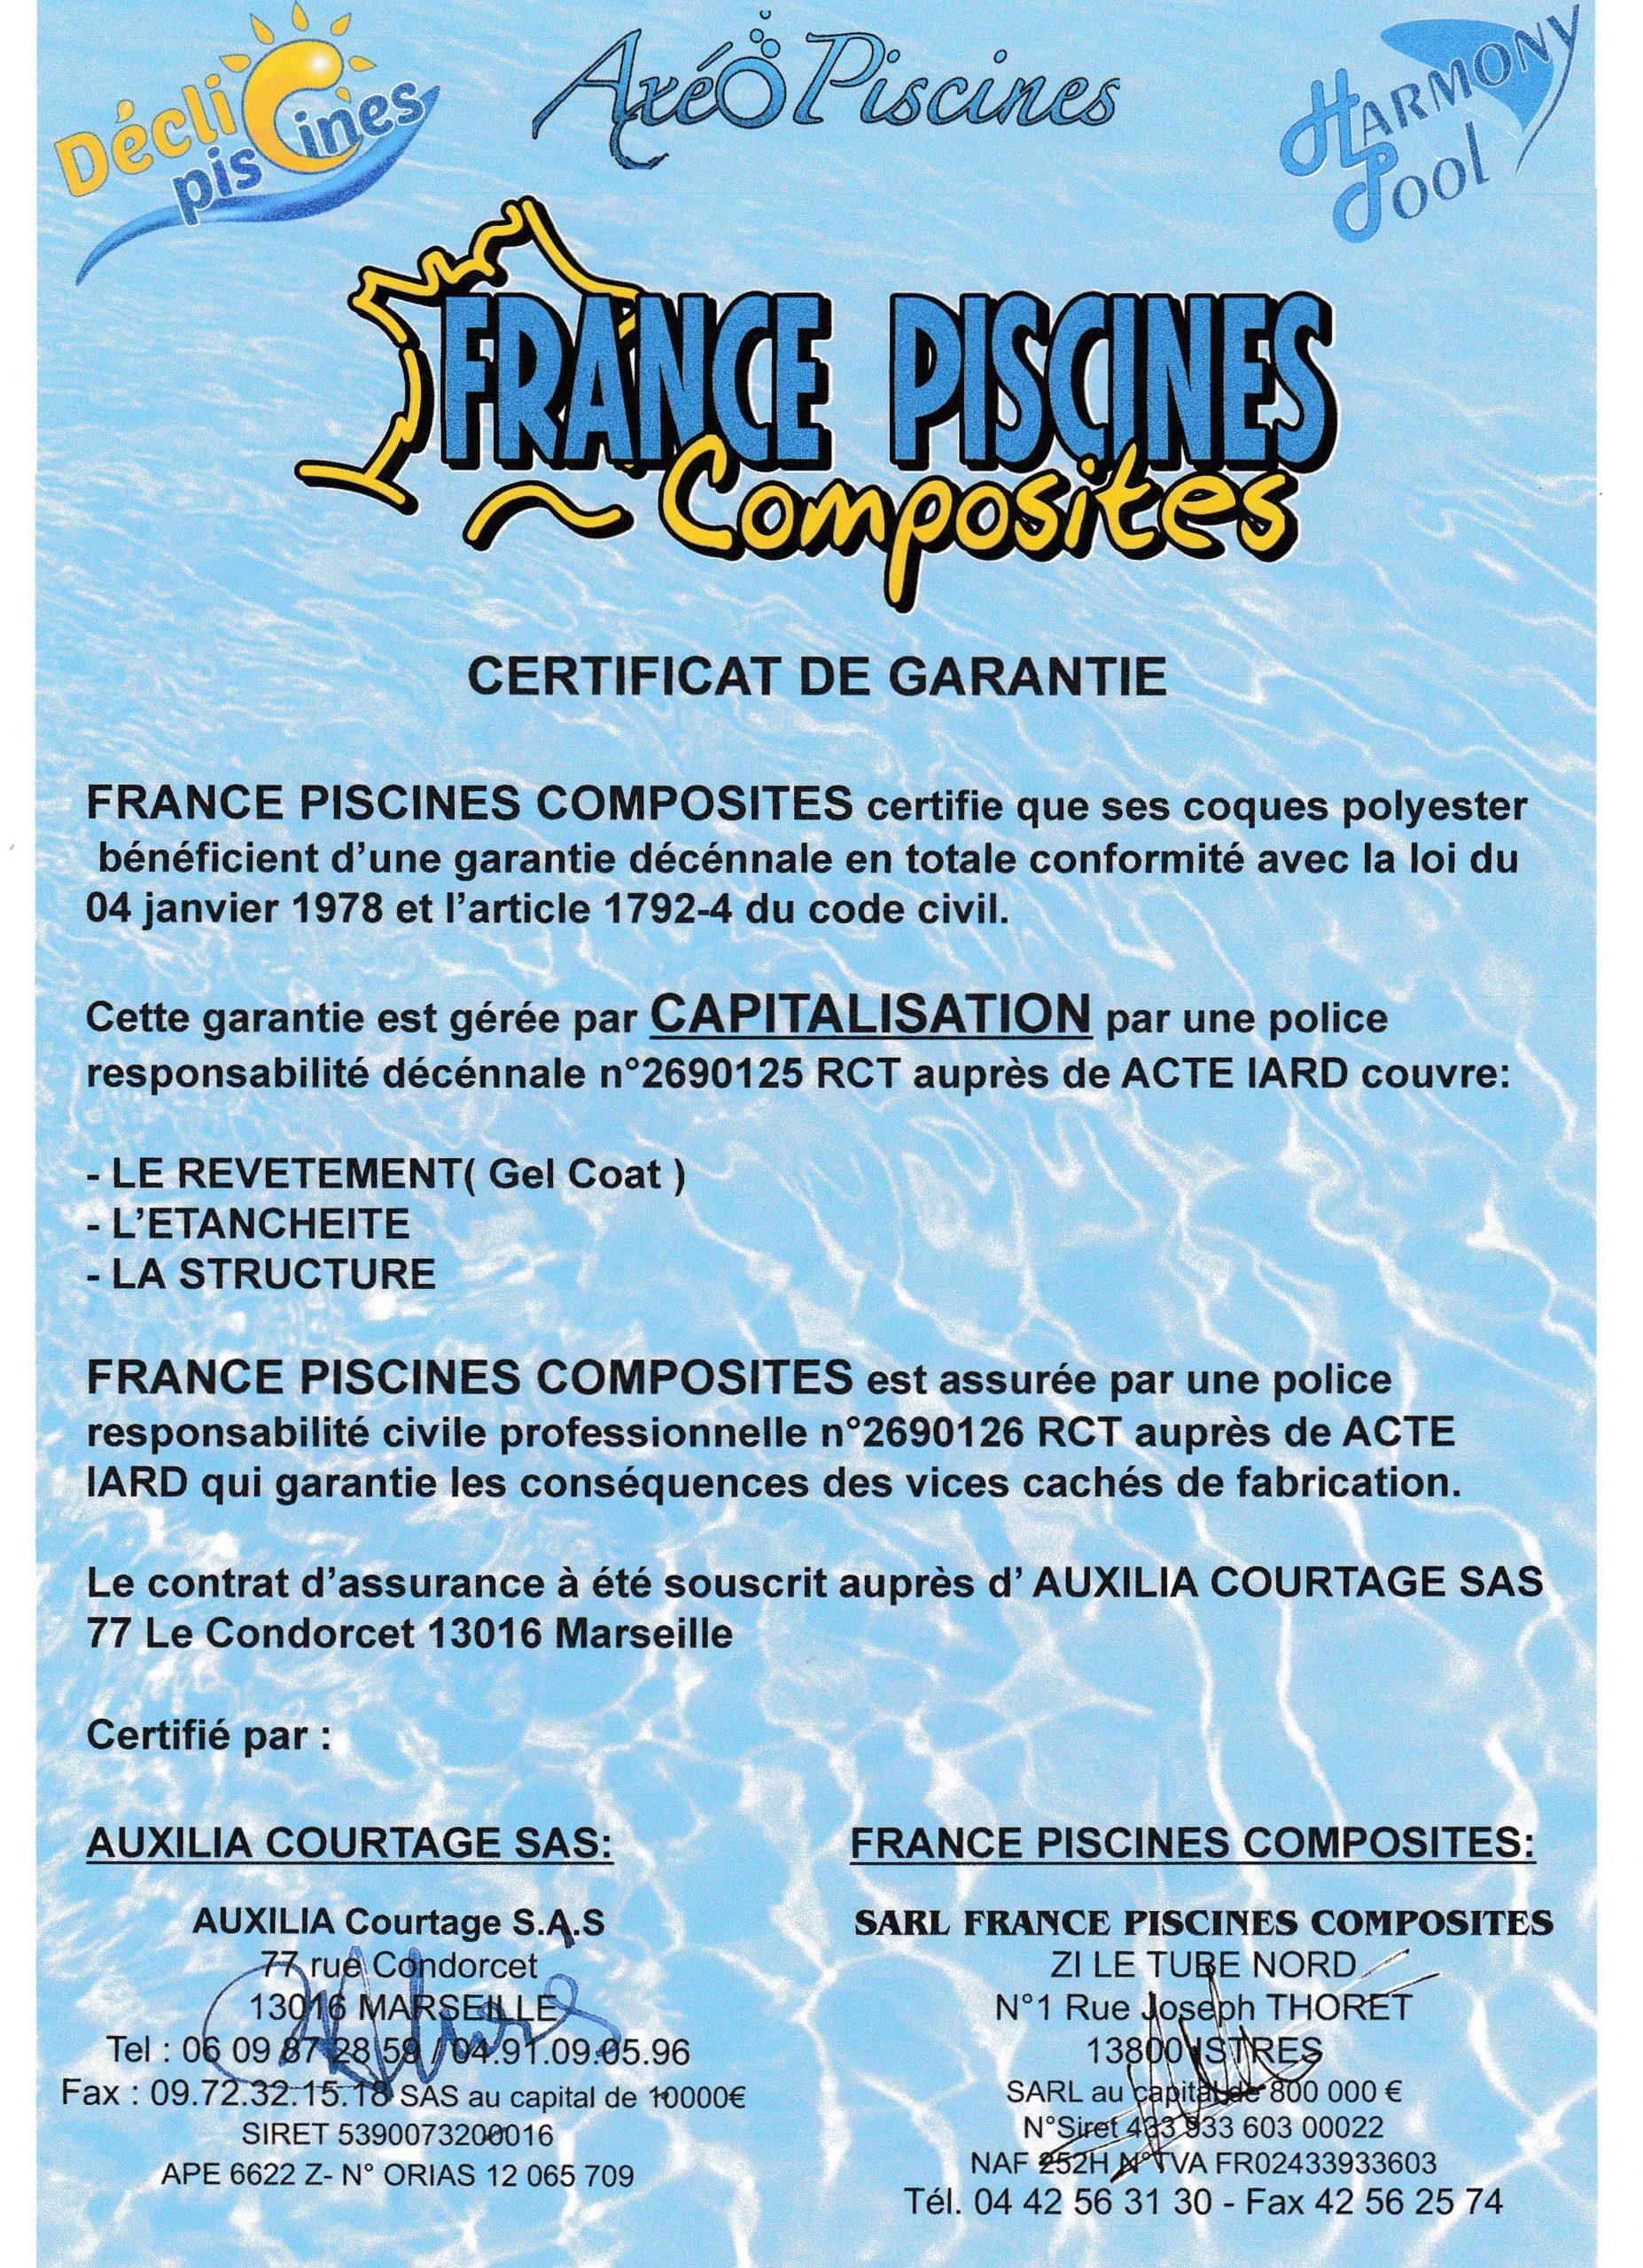 Vente De Piscines Coques En Charente Maritime Acheter Avec Nous dedans Electrolyseur Sel Piscine